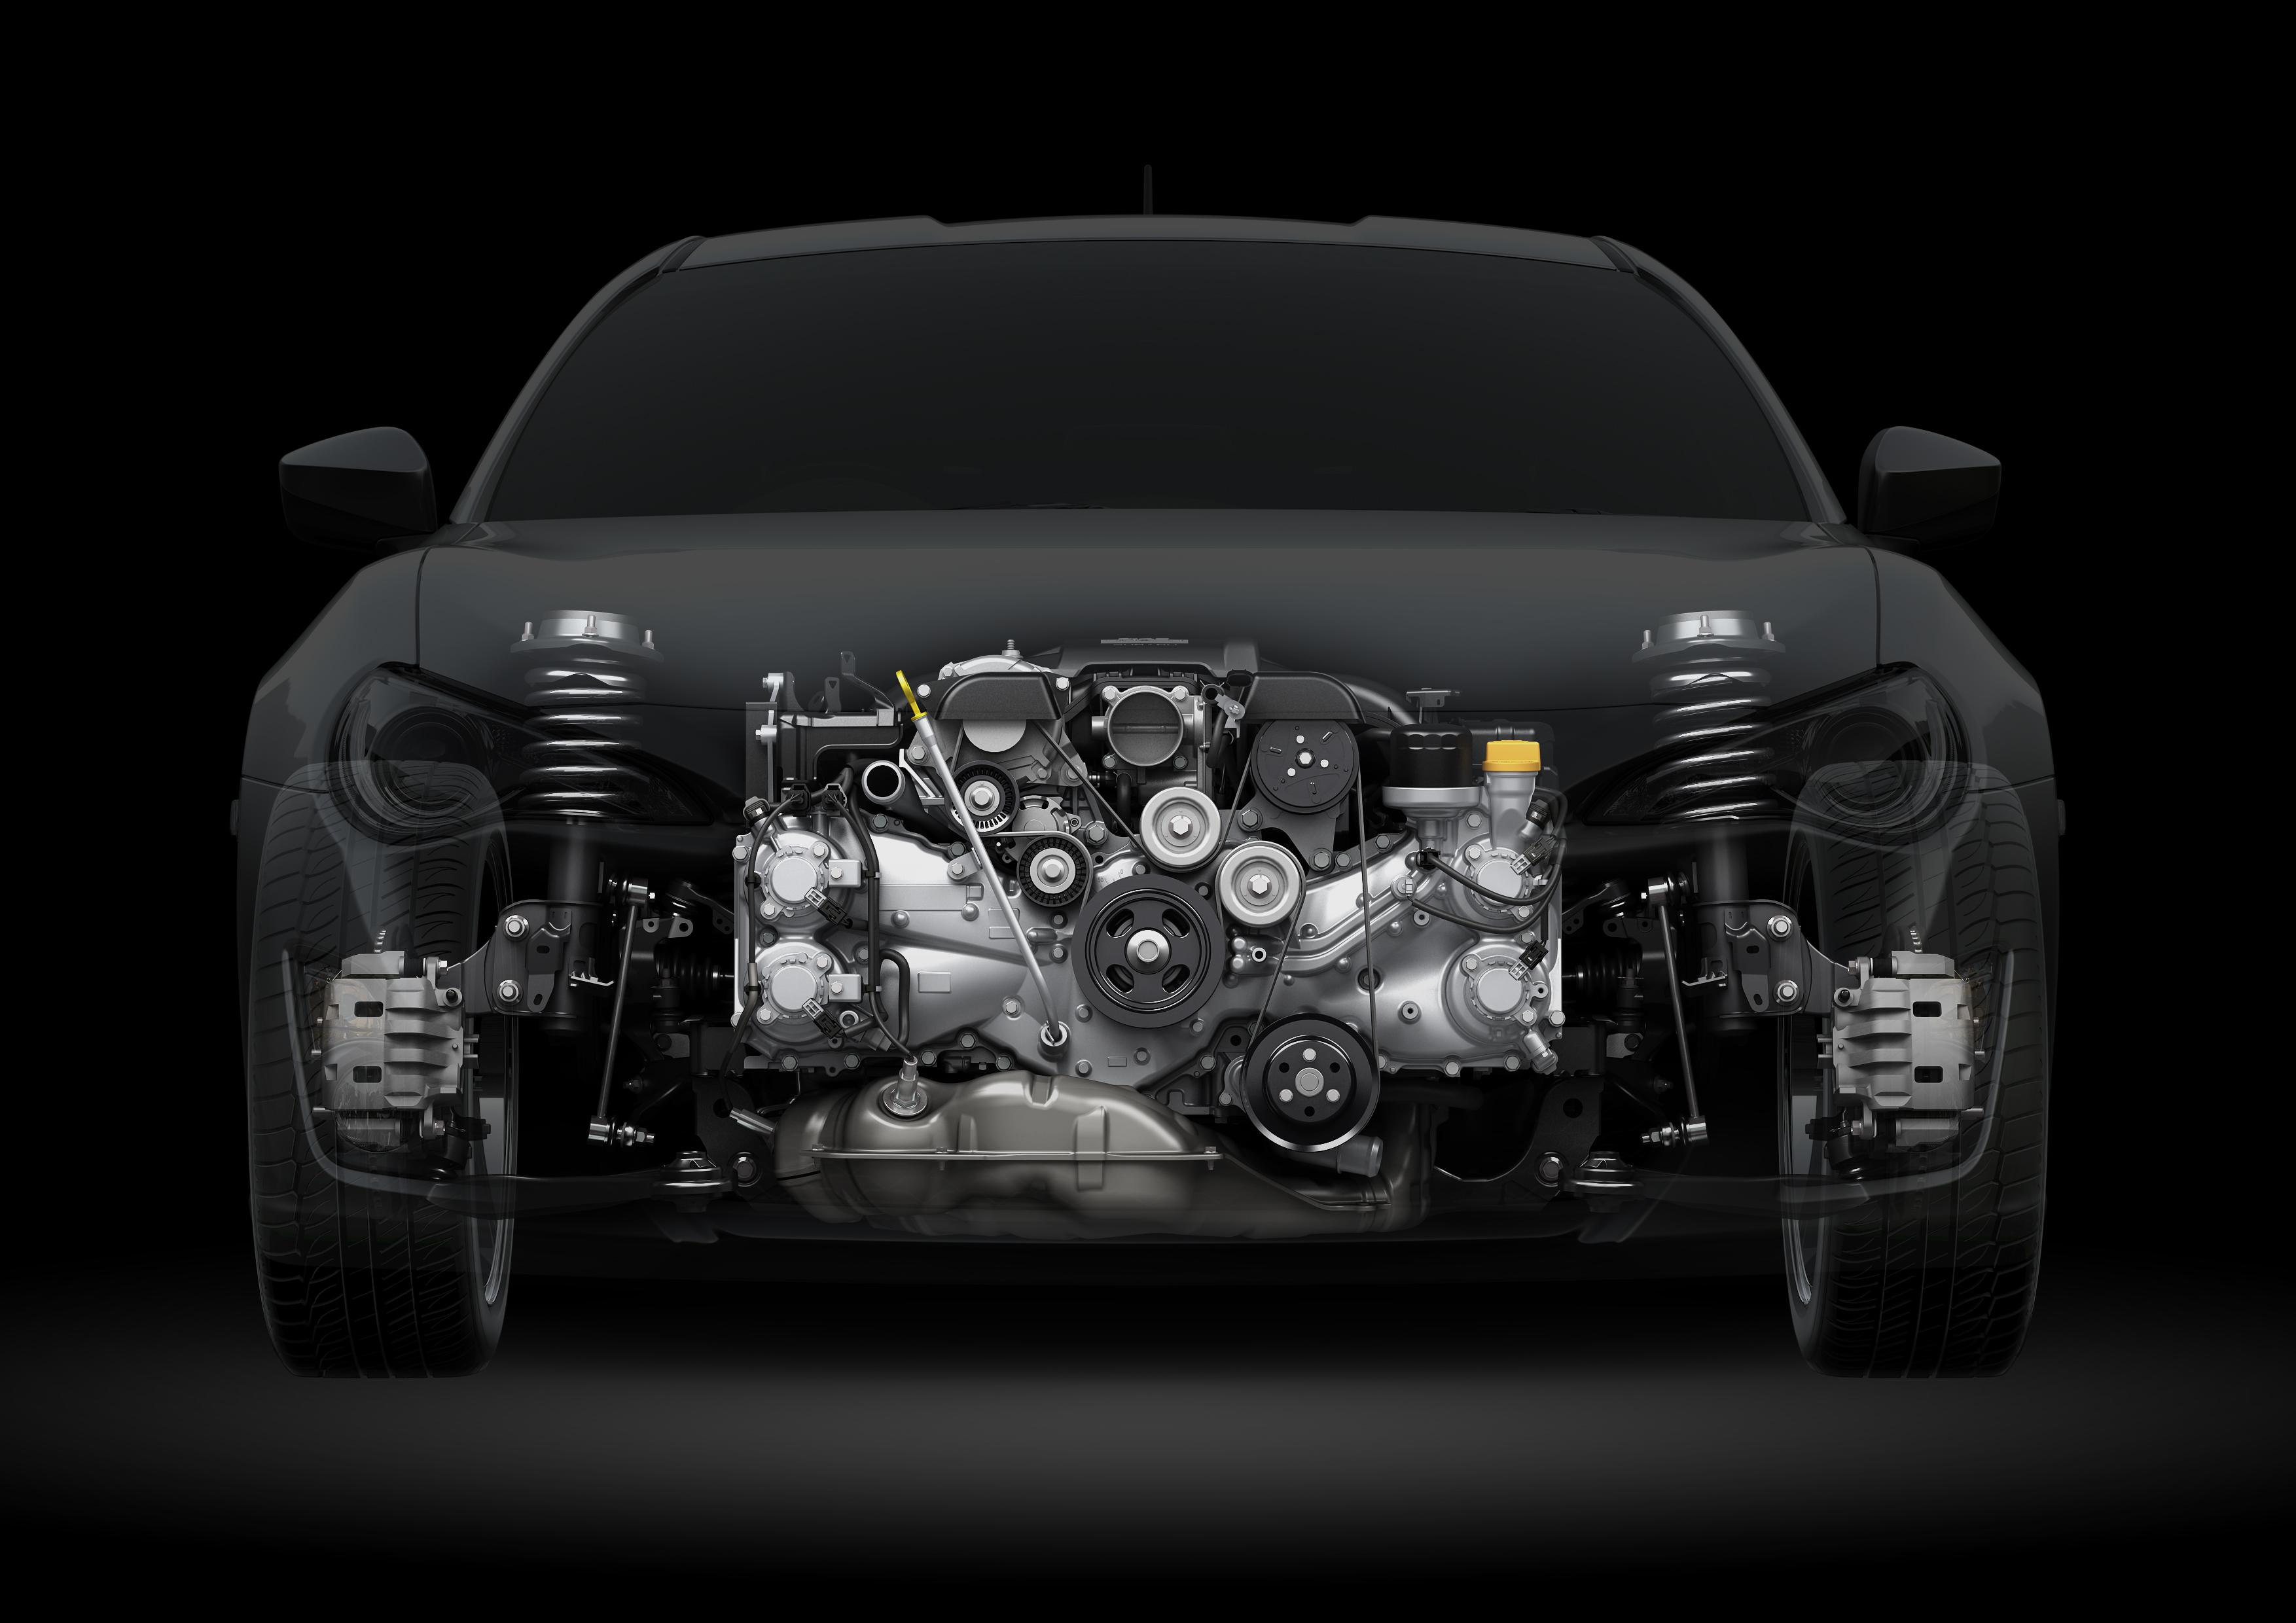 Toyota GT86 - front / avant - engine / moteur